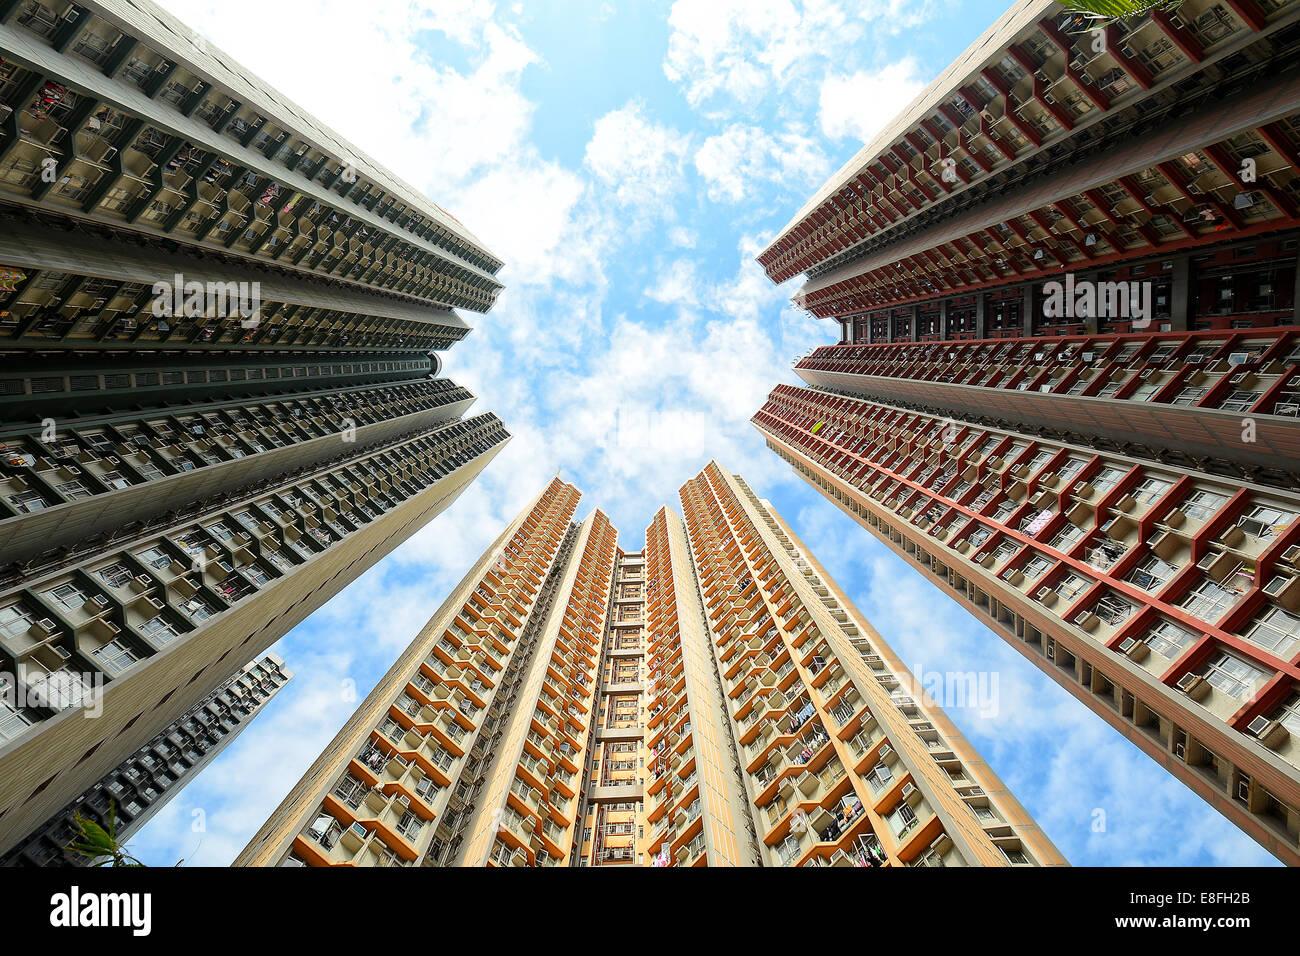 China, Hong Kong, Towering Flats, Low angle view - Stock Image